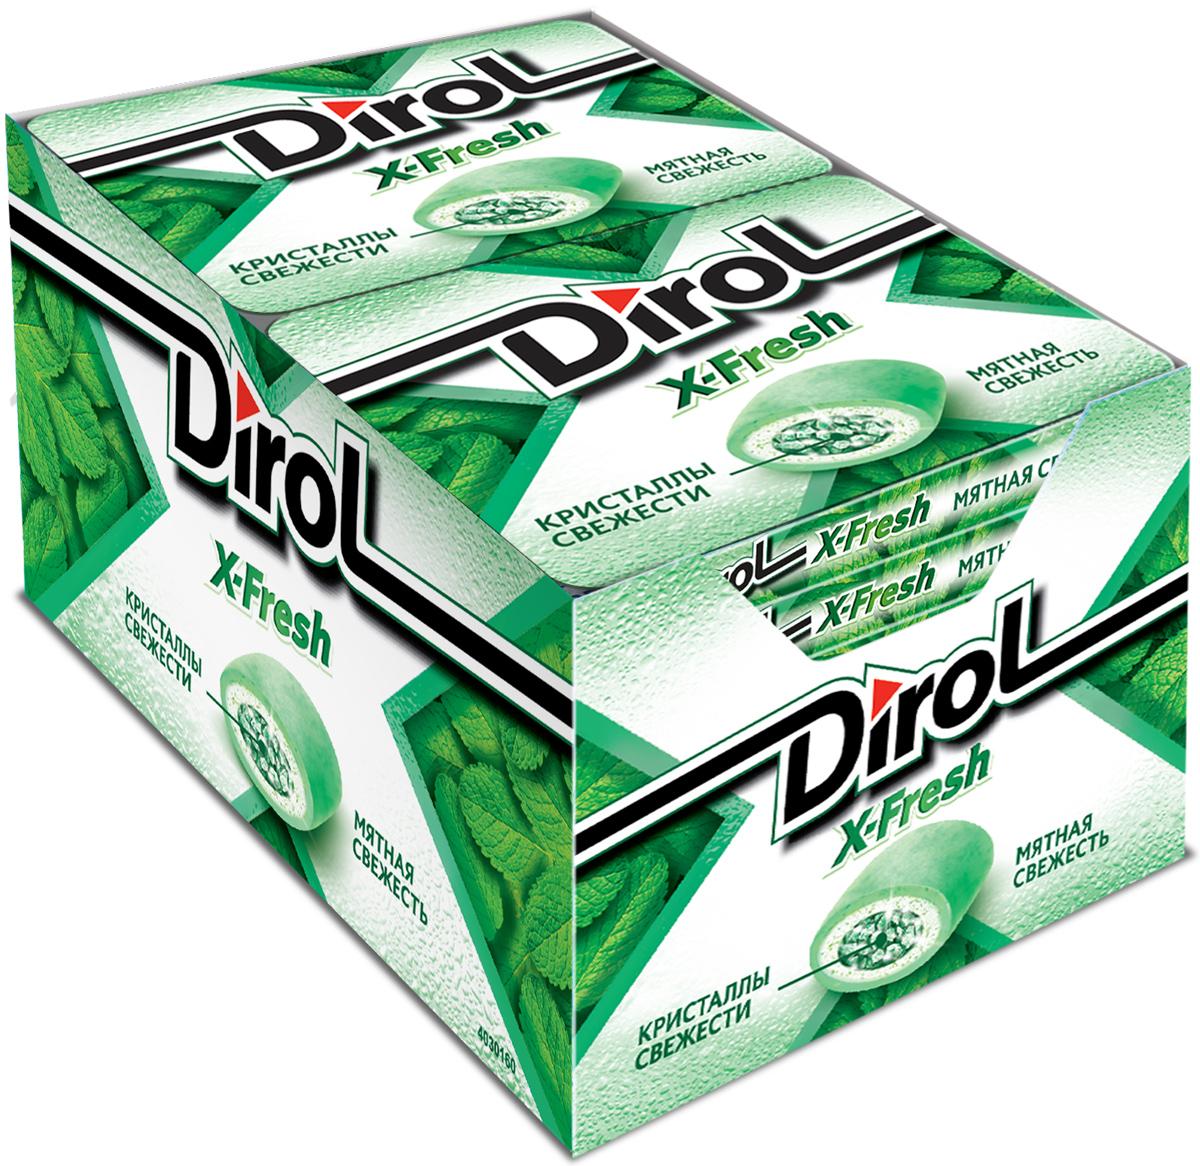 Dirol X-Fresh Жевательная резинка Мятная Свежесть без сахара, 12 пачек по 16 г0120710Dirol X-Fresh Мятная свежесть - популярная жевательная резинка. Обладает ярко выраженным долгим неугасаемым вкусом. В пачке 8 подушечек.Общеизвестно, что древние греки использовали смолу мастичного дерева или пчелиный воск, чтобы освежить дыхание и очистить зубы от остатков еды. Племена Майя наслаждались жеванием каучука. На севере Америки индейцы наслаждались подобием жевательной резинки - смолы хвойных деревьев, предварительно выпаренной на костре. В Сибири пользовалась популярностью сибирская смолка, с её помощью чистили зубы и укрепляли десны. В Европе зарождение жевательной культуры обозначено в 16 веке благодаря завезенному из Вест-Индии табаку. Затем жвачка появилась в Соединенных Штатах. Вплоть до 19 века попытки внедрить воск, парафин вместо жевательного табака терпели крах.Уважаемые клиенты! Обращаем ваше внимание, что полный перечень состава продукта представлен на дополнительном изображении.